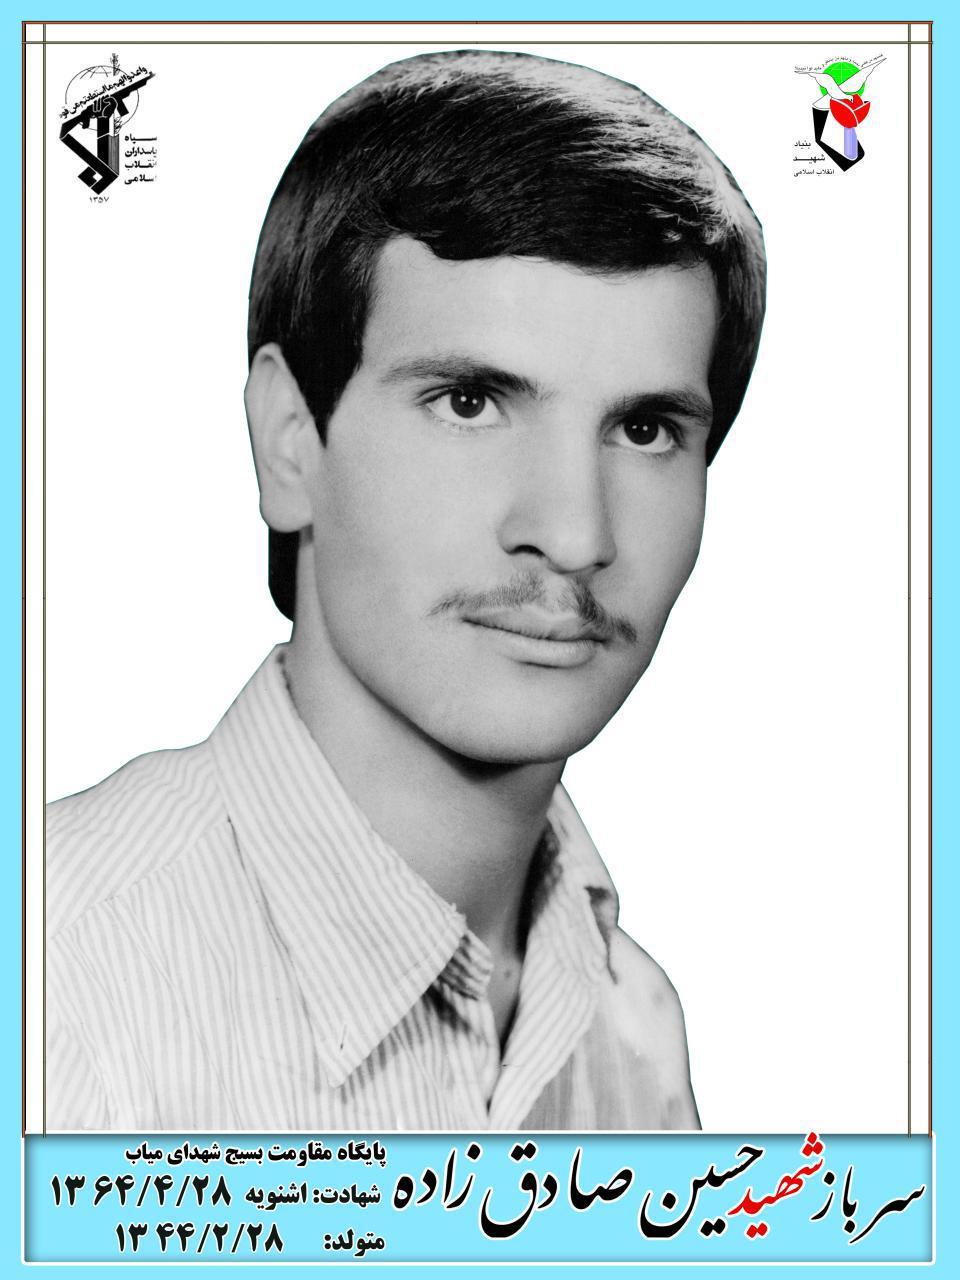 شهید حسین صادق زاده